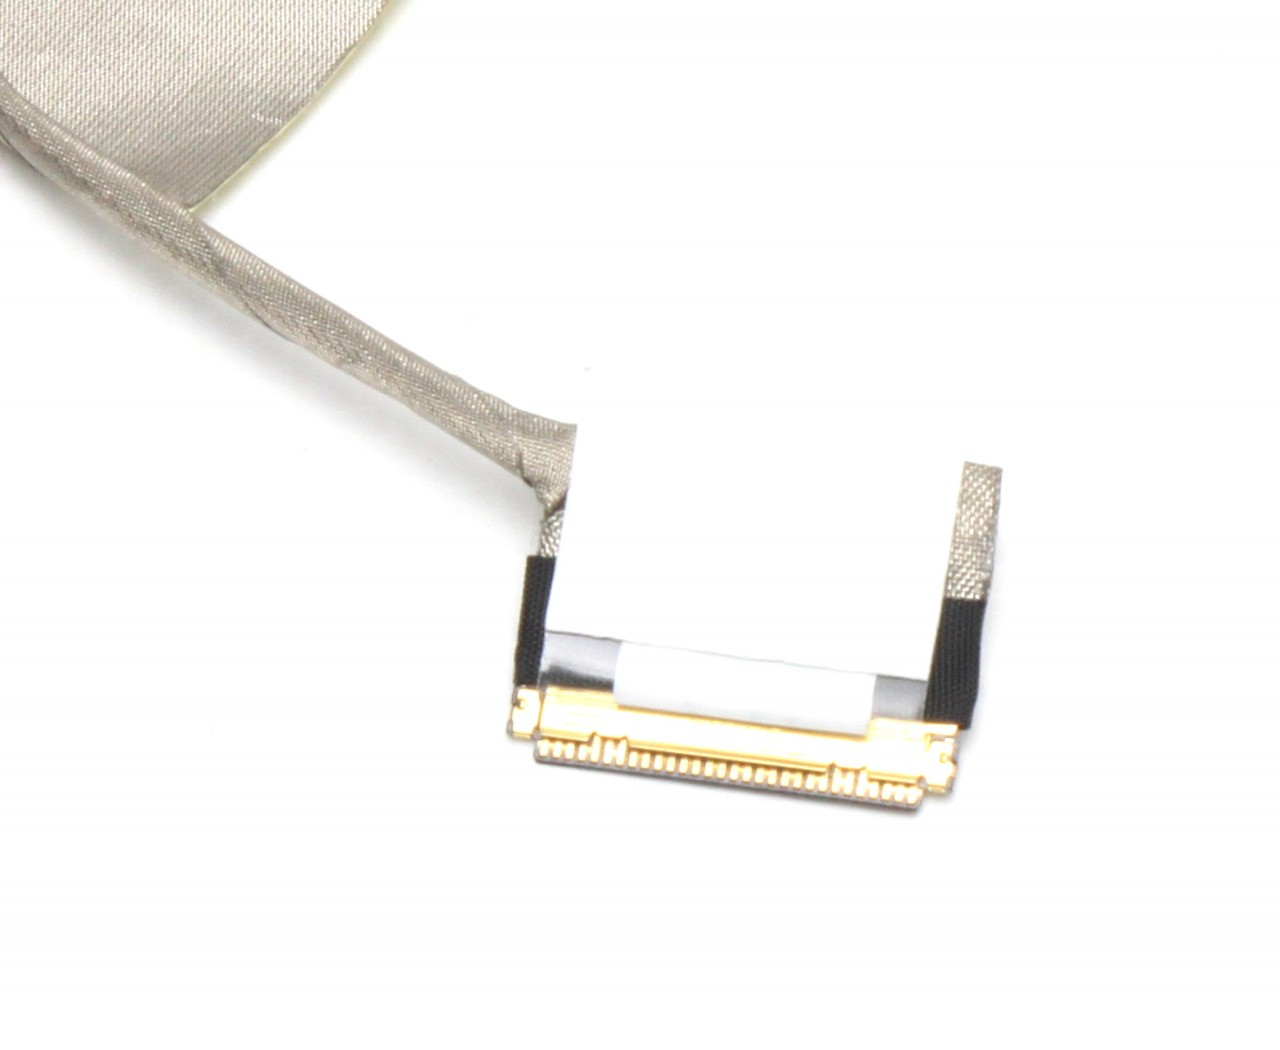 Cablu video eDP Asus N550LF imagine powerlaptop.ro 2021